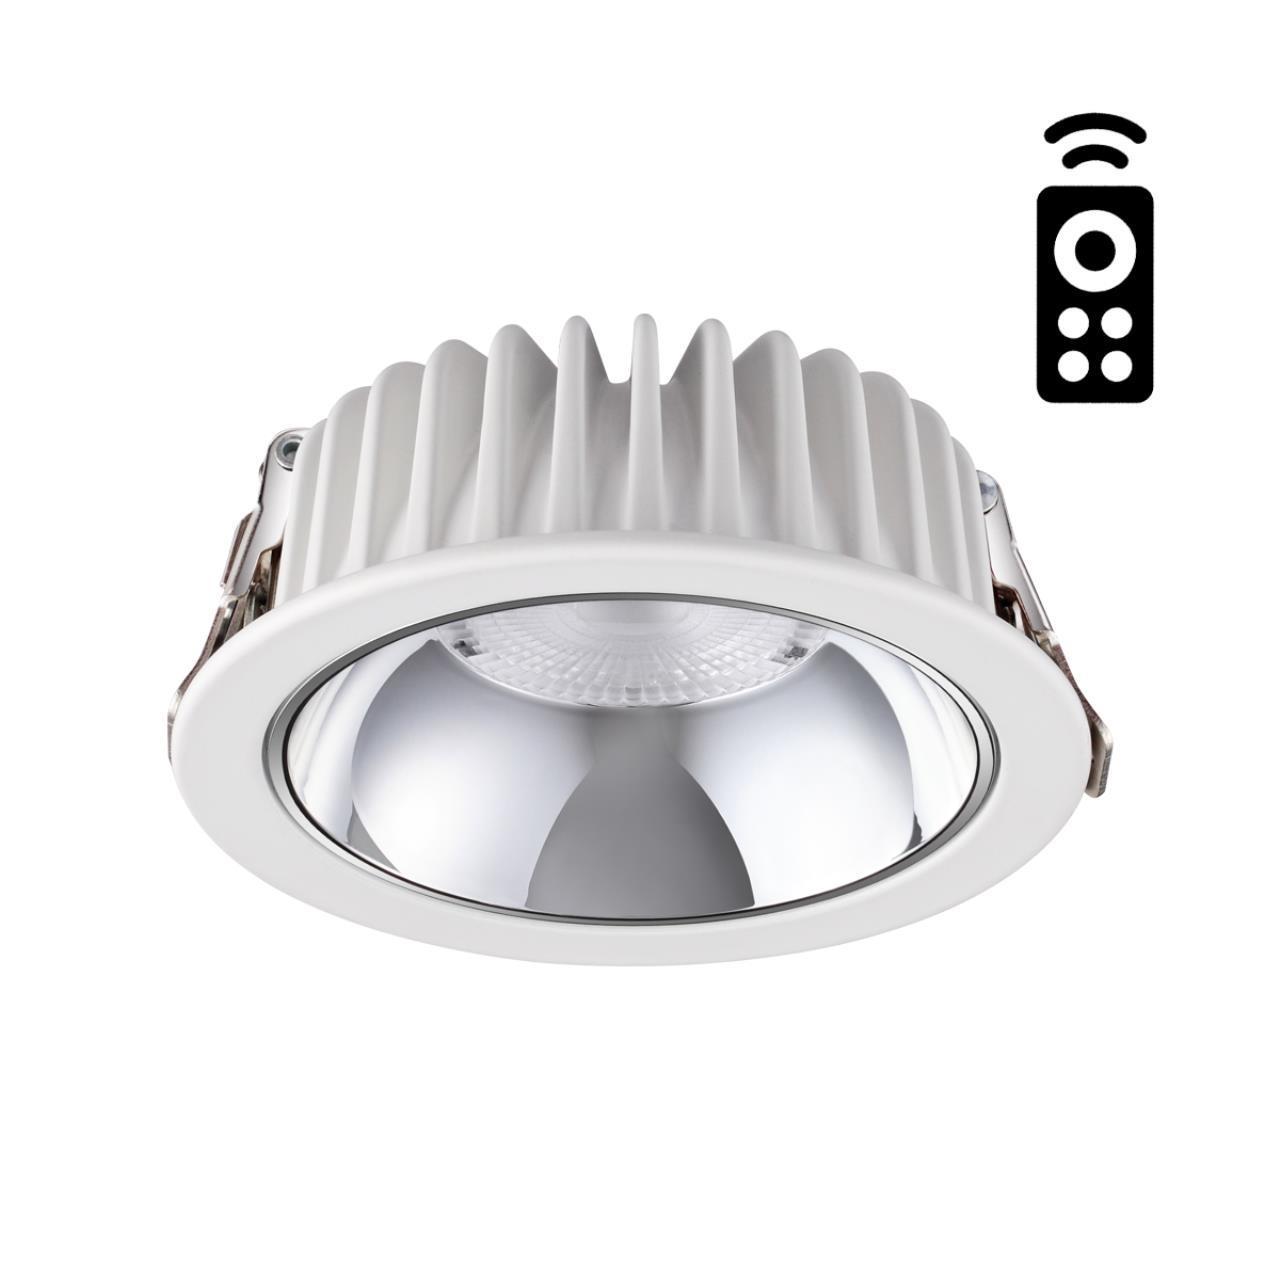 358296 SPOT NT19 000 белый Встраиваемый диммируемый светильник с пультом ДУ IP20 LED 3000-6500K 7W